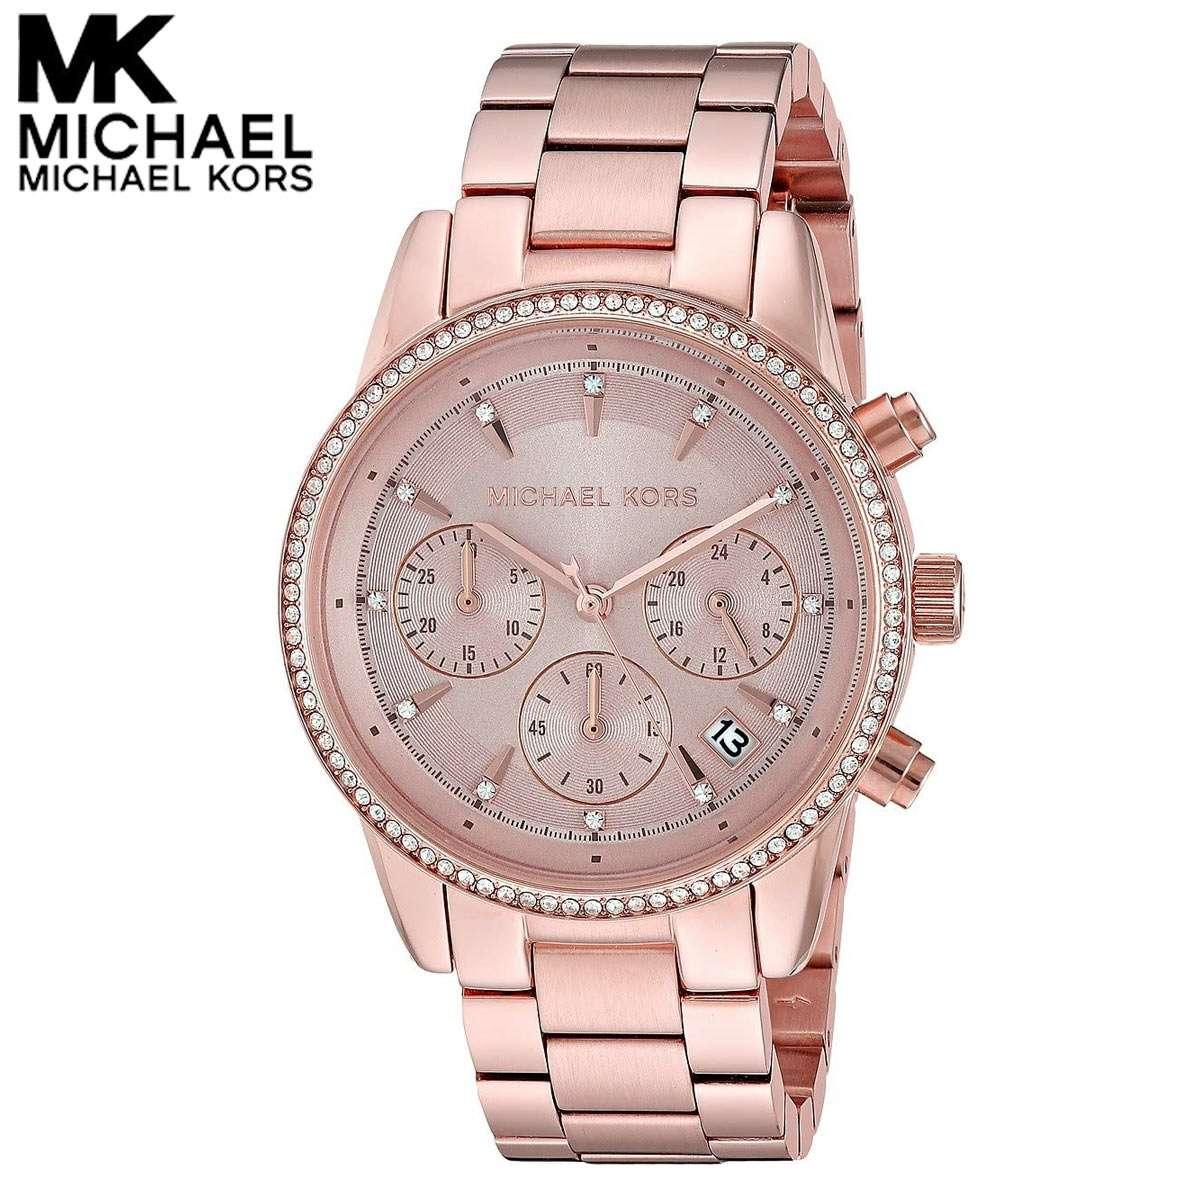 Kors おしゃれ 腕時計 ブランド Ritz リッツ マイケルコース 時計 レディース Michael